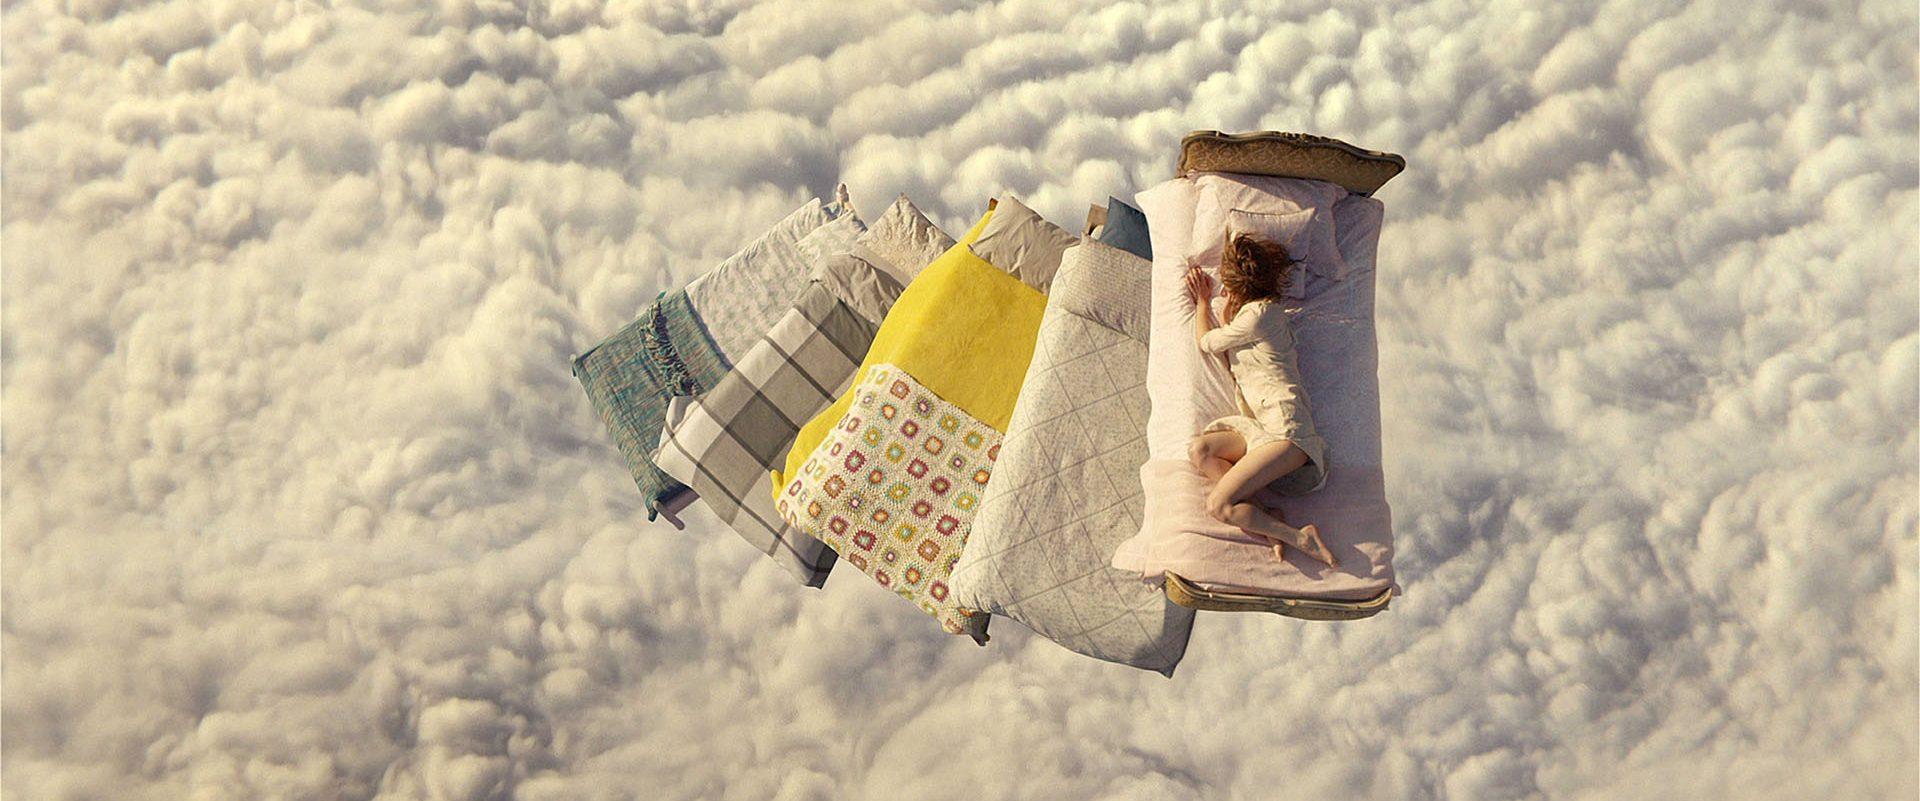 IKEA - Beds